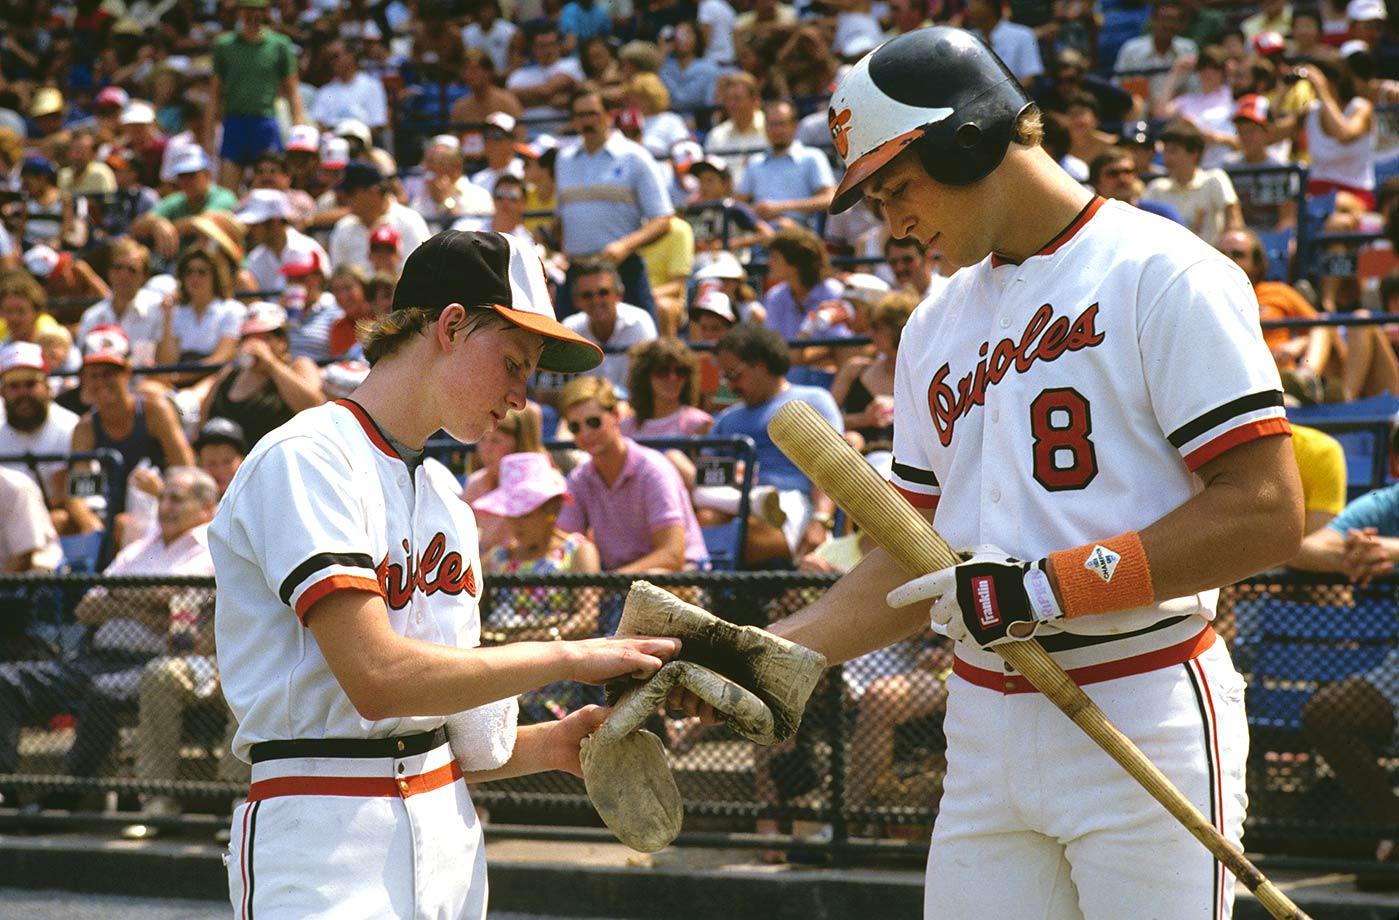 July 31, 1983